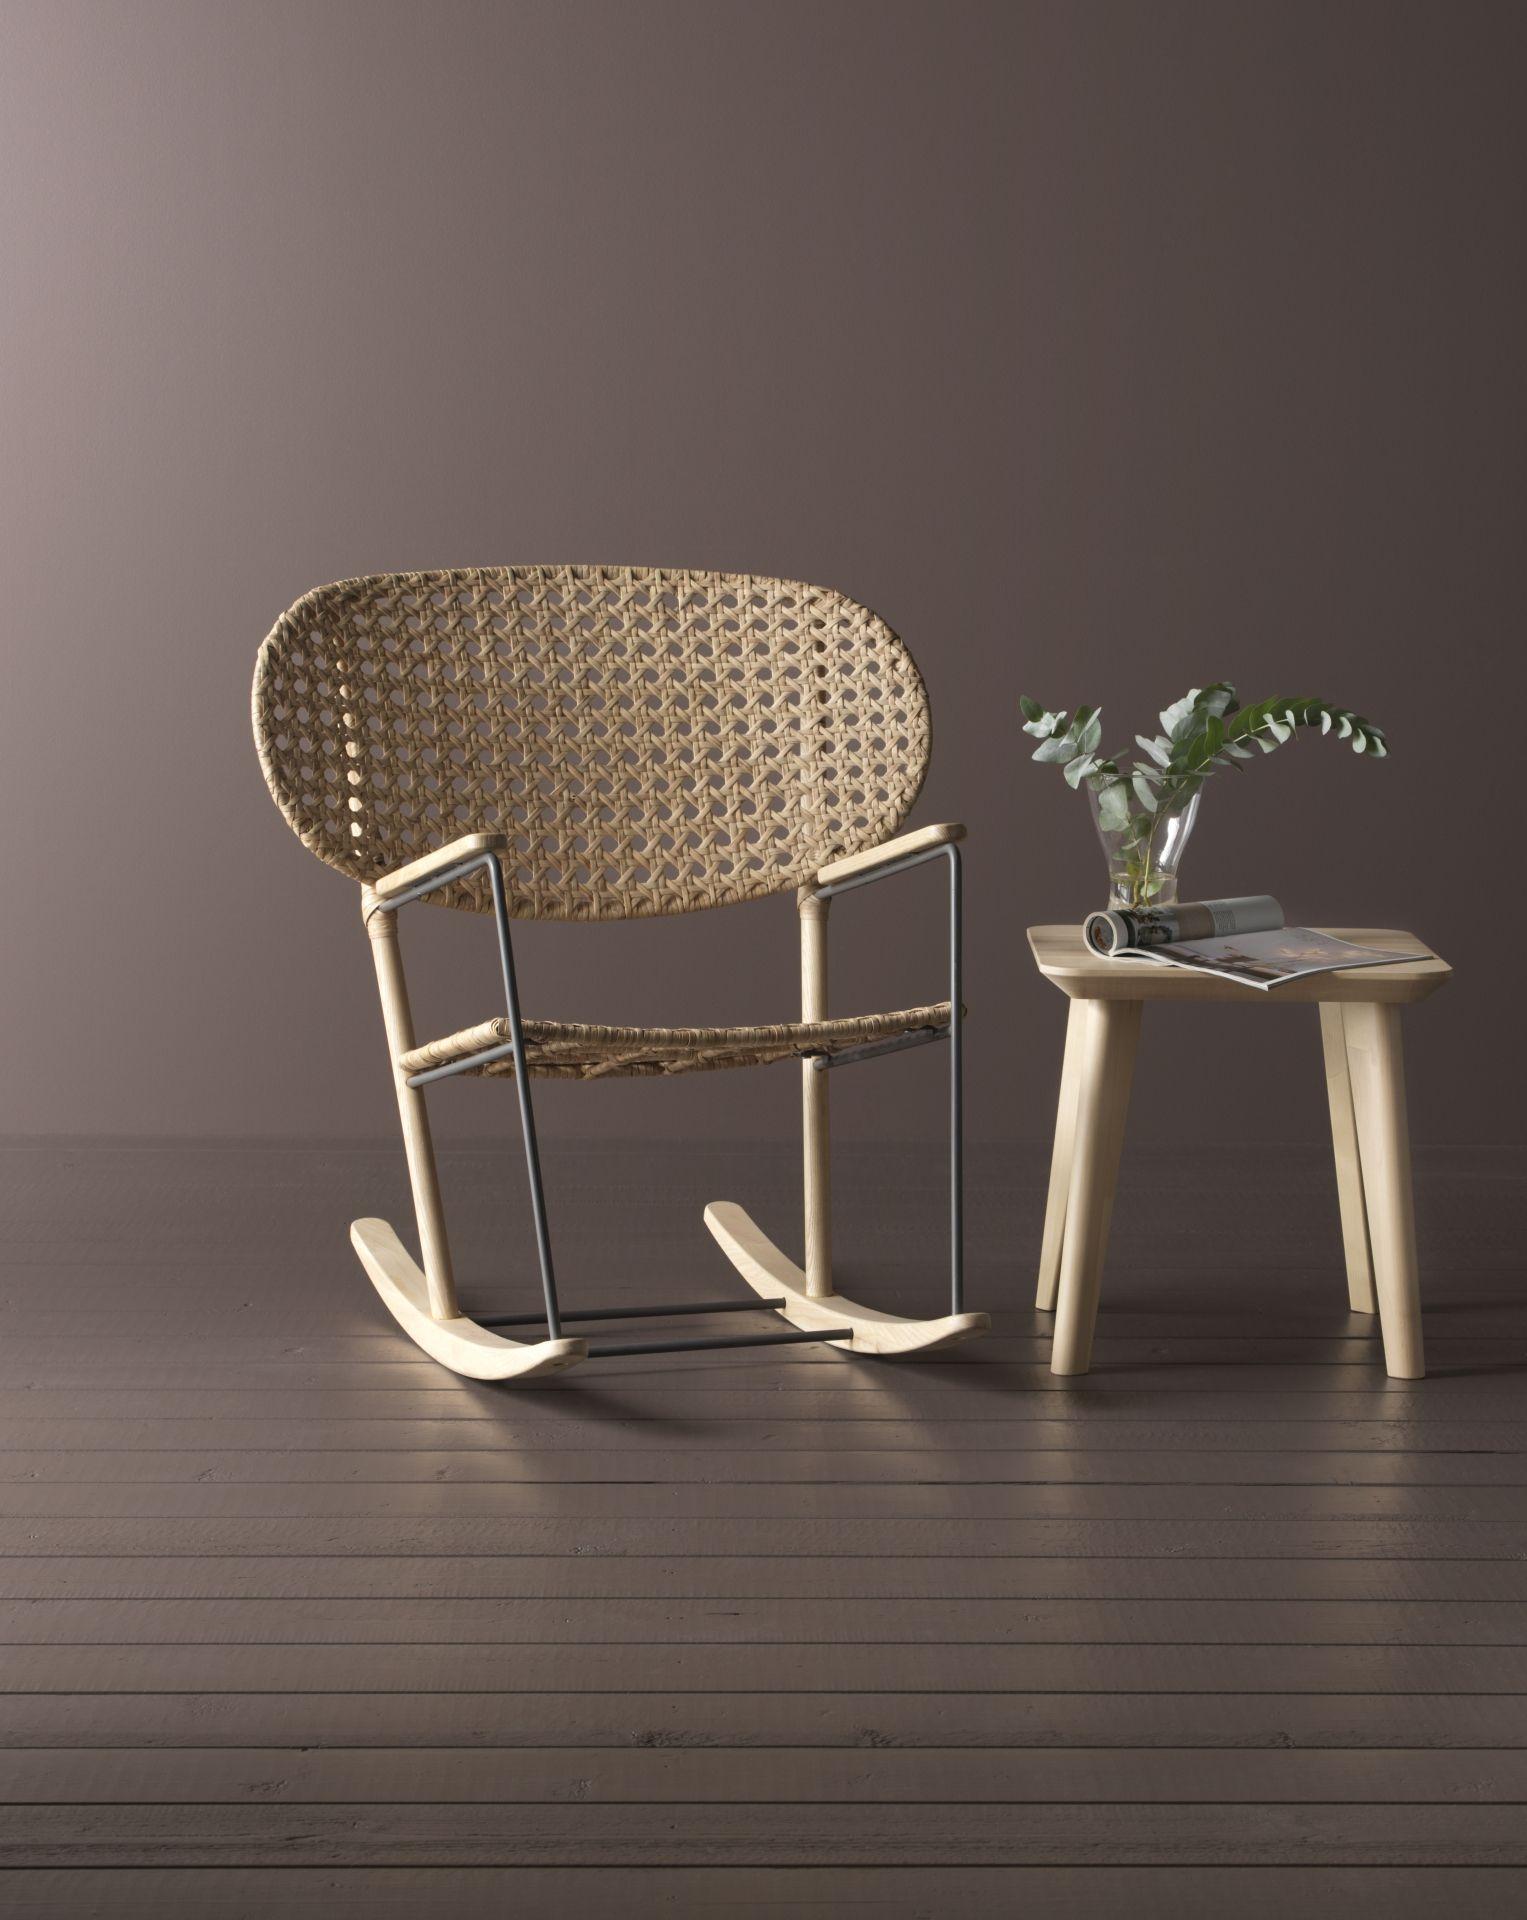 GRÖNADAL Schommelstoel, grijs, naturel | Armchairs, Ikea chairs ...